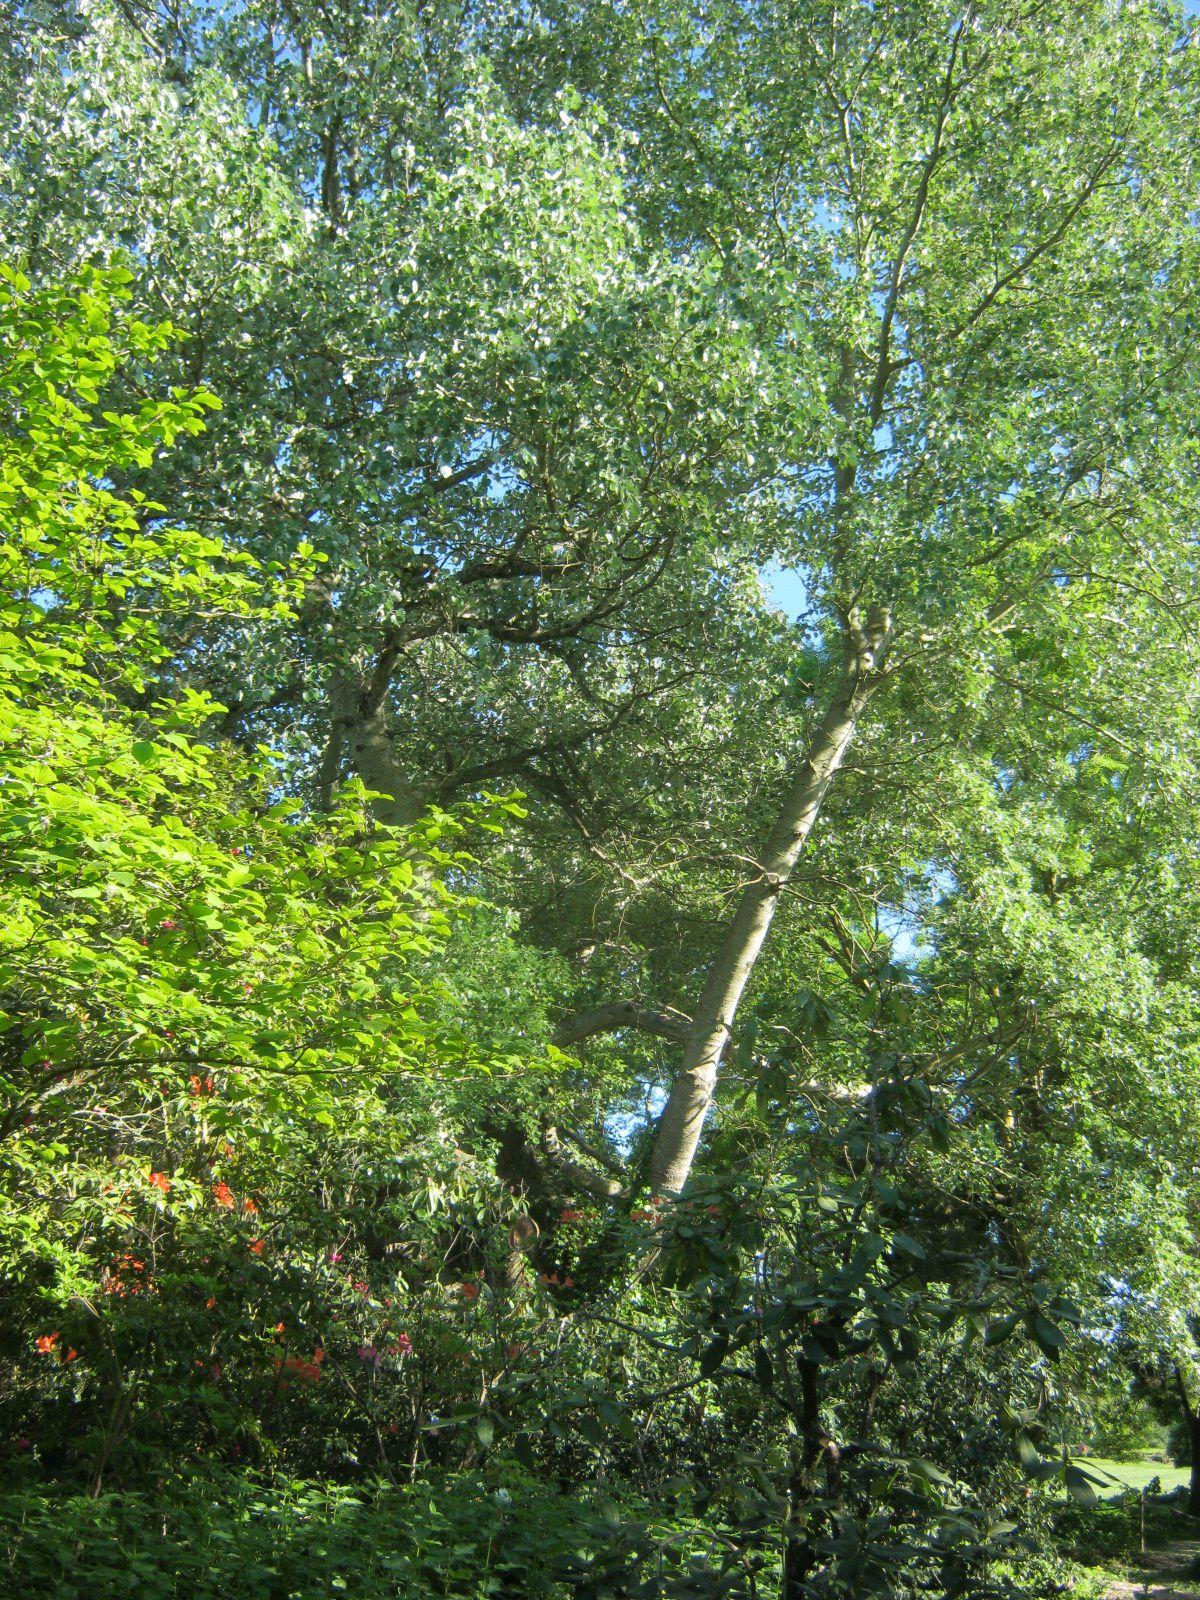 Un arbre remarquable bien protégé, il ne rentre pas dans l'APN